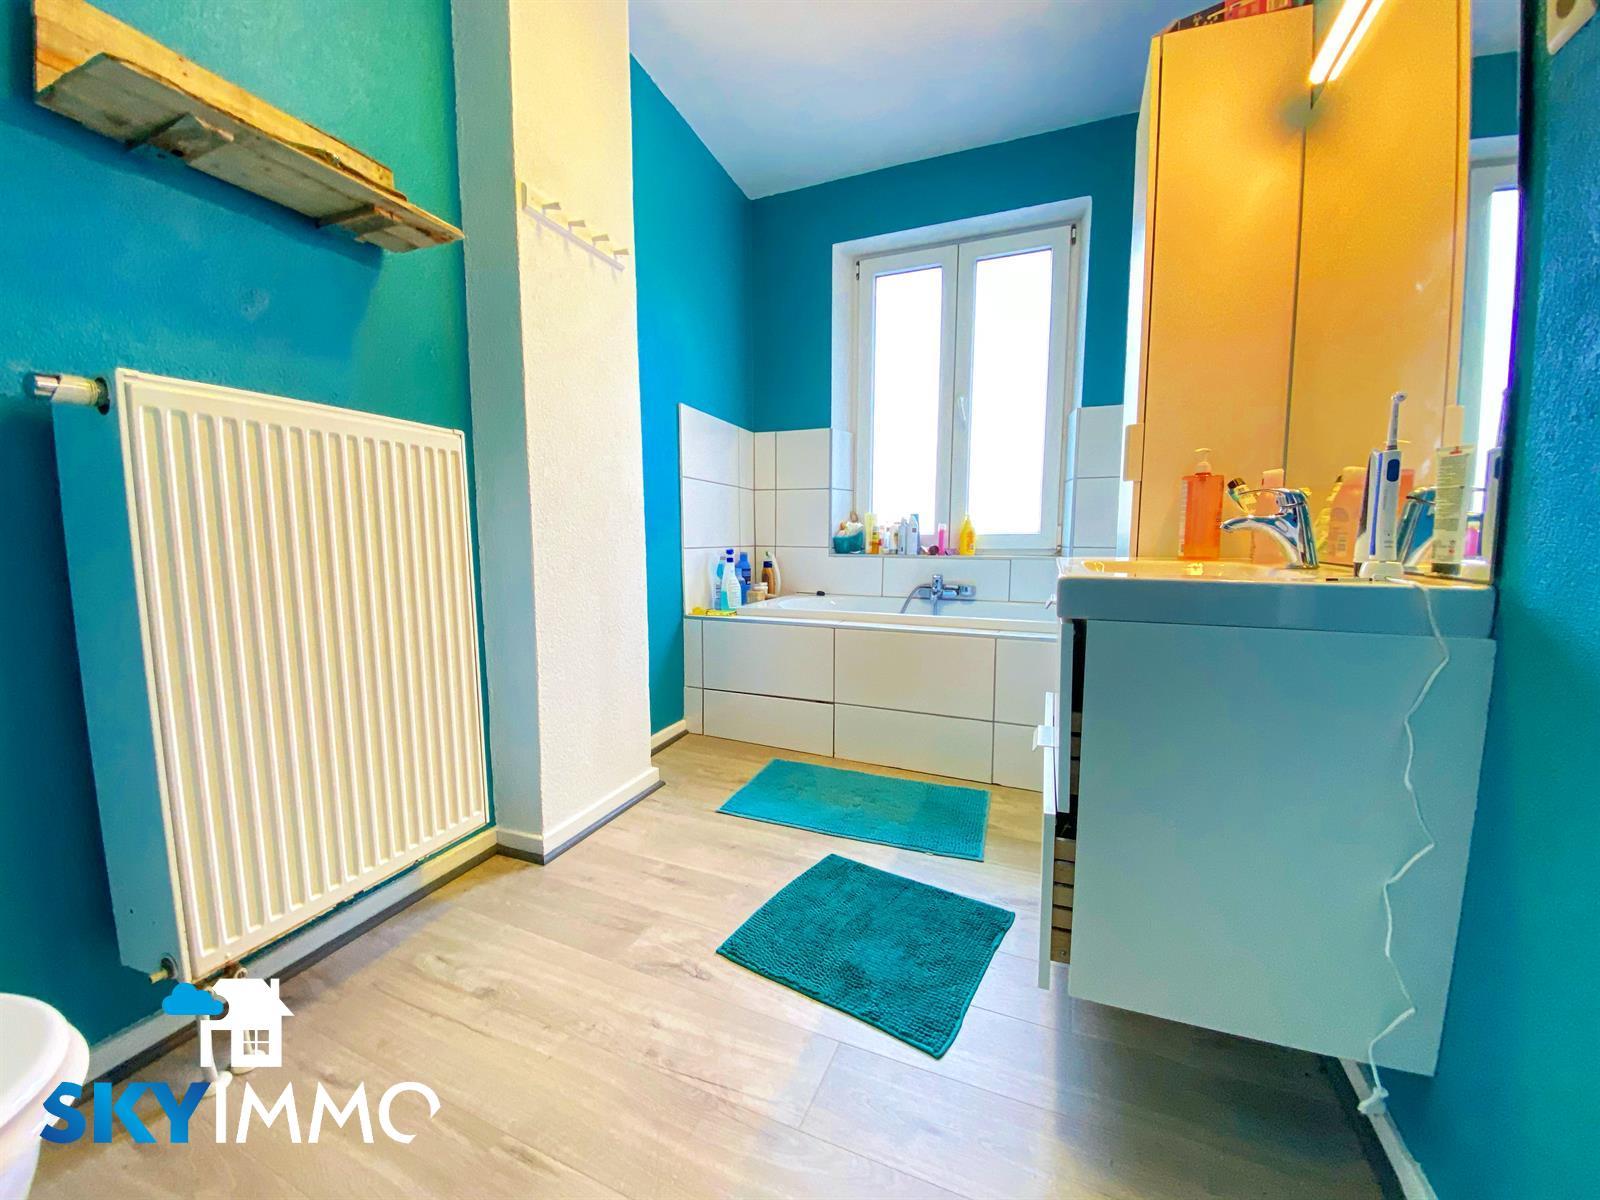 Maison - Seraing - #4325764-14